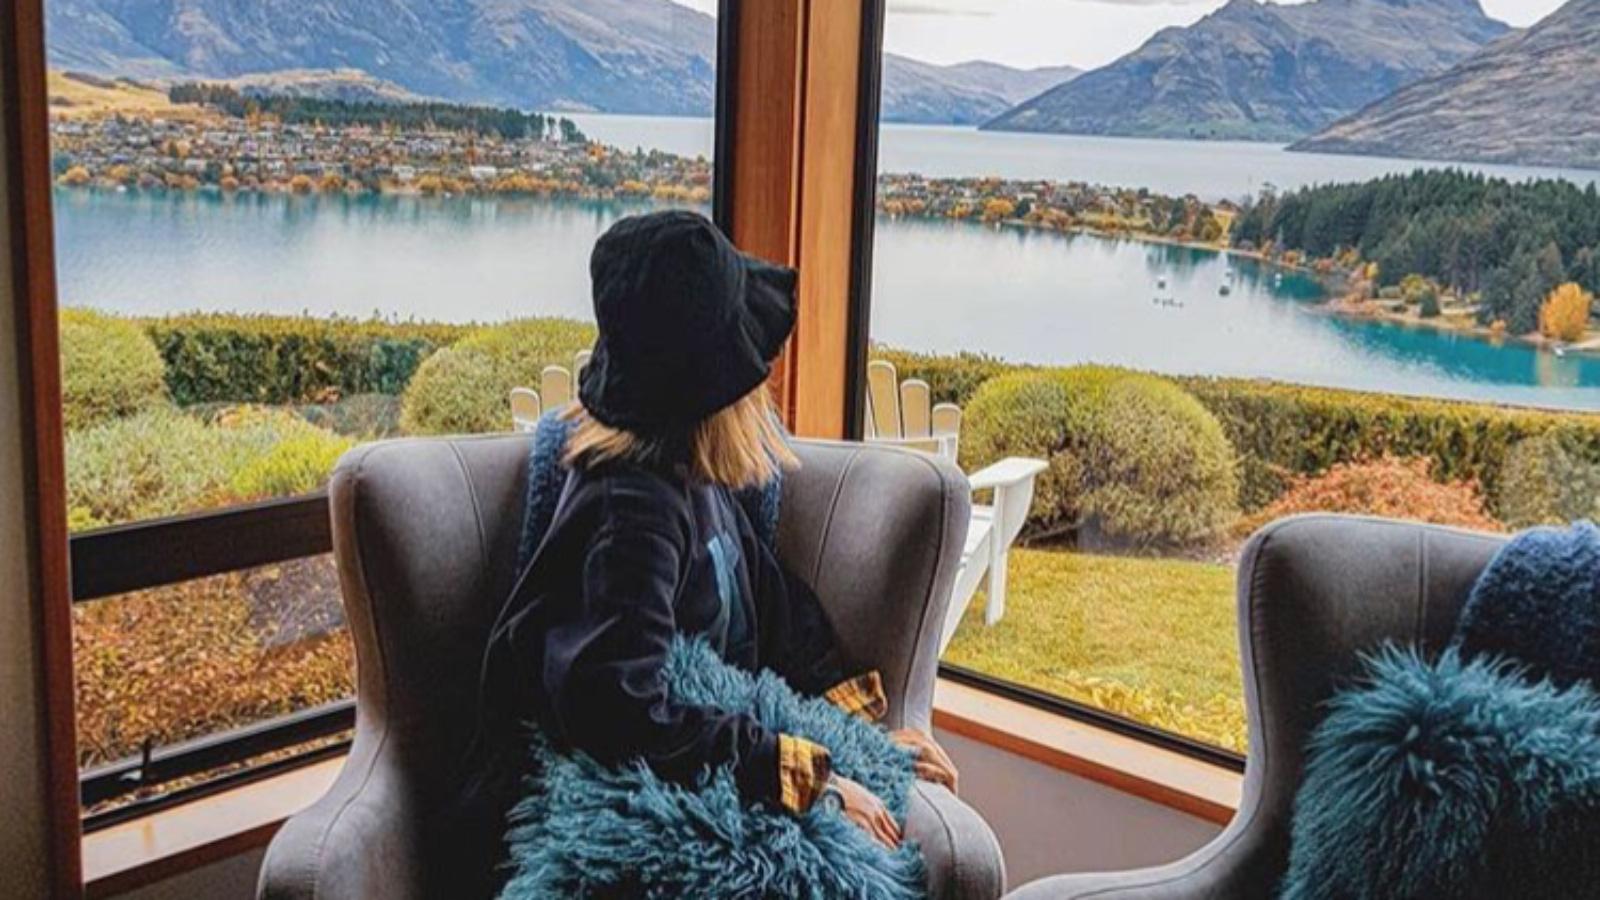 Kogo warto śledzić na Instagramie? top 5 mediarun airbinb instagram gory kobieta tlo 2019